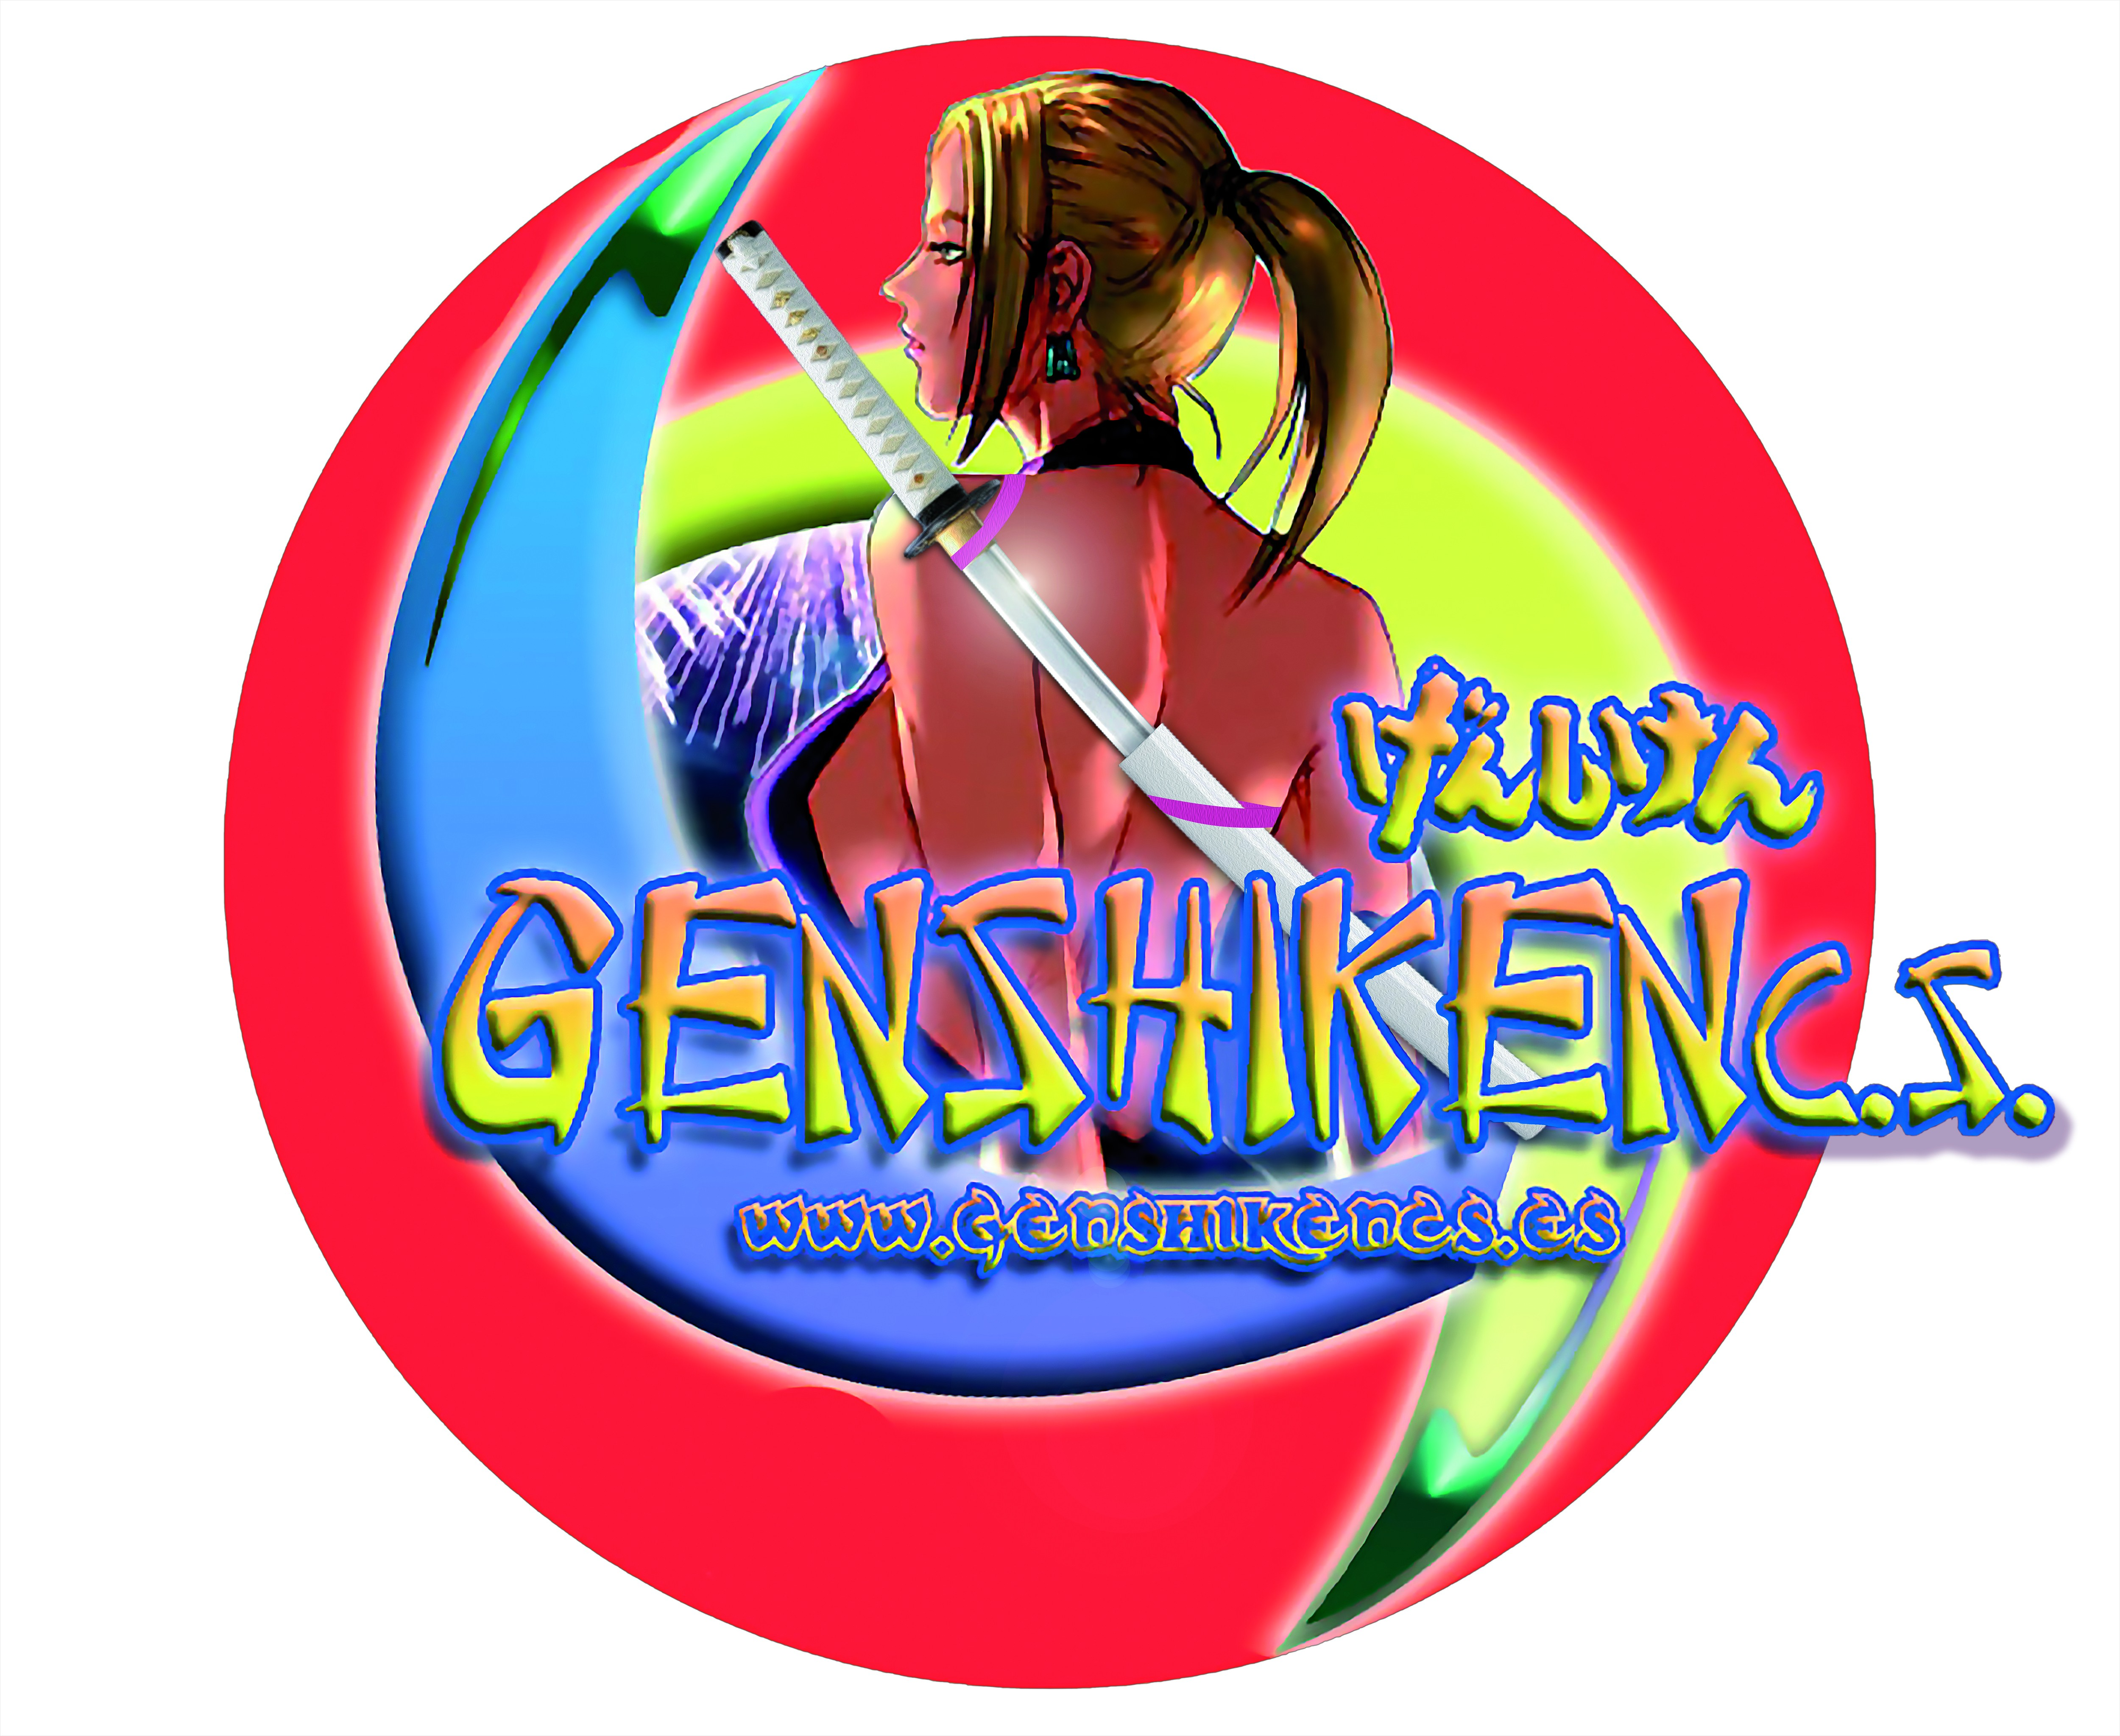 Genshikencs